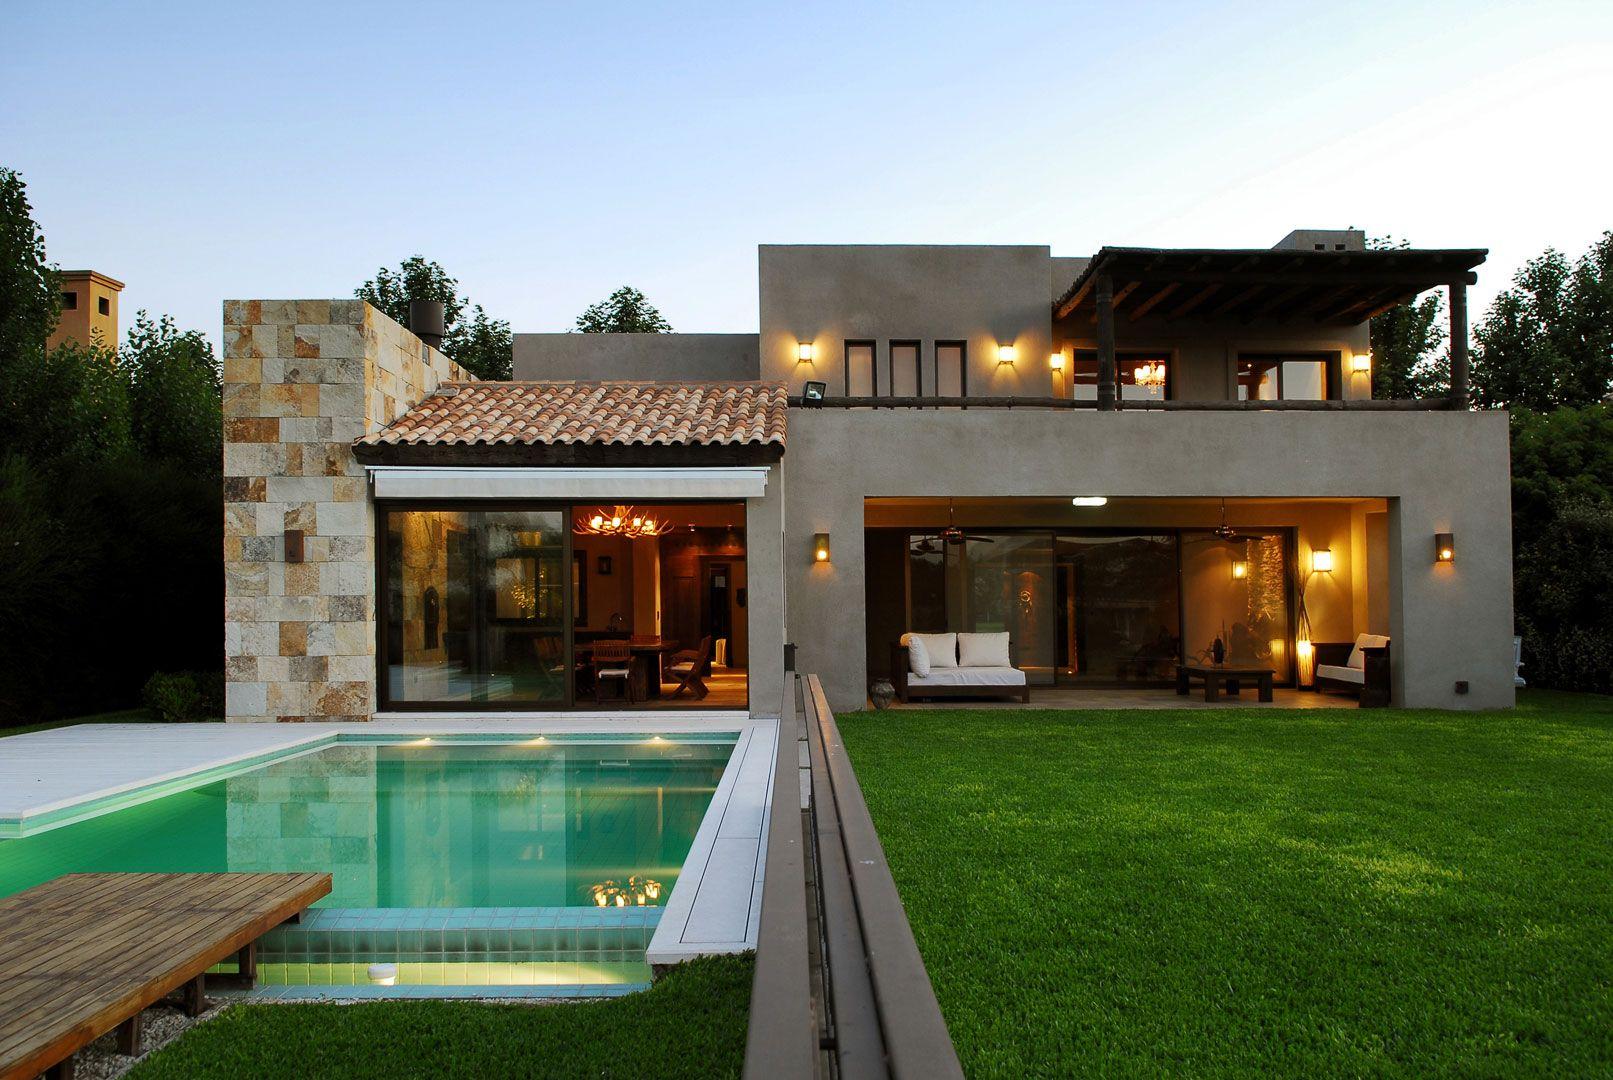 Estudio gamboa casa fgr casas campestres casas casas for Diseno de piscinas para casas de campo